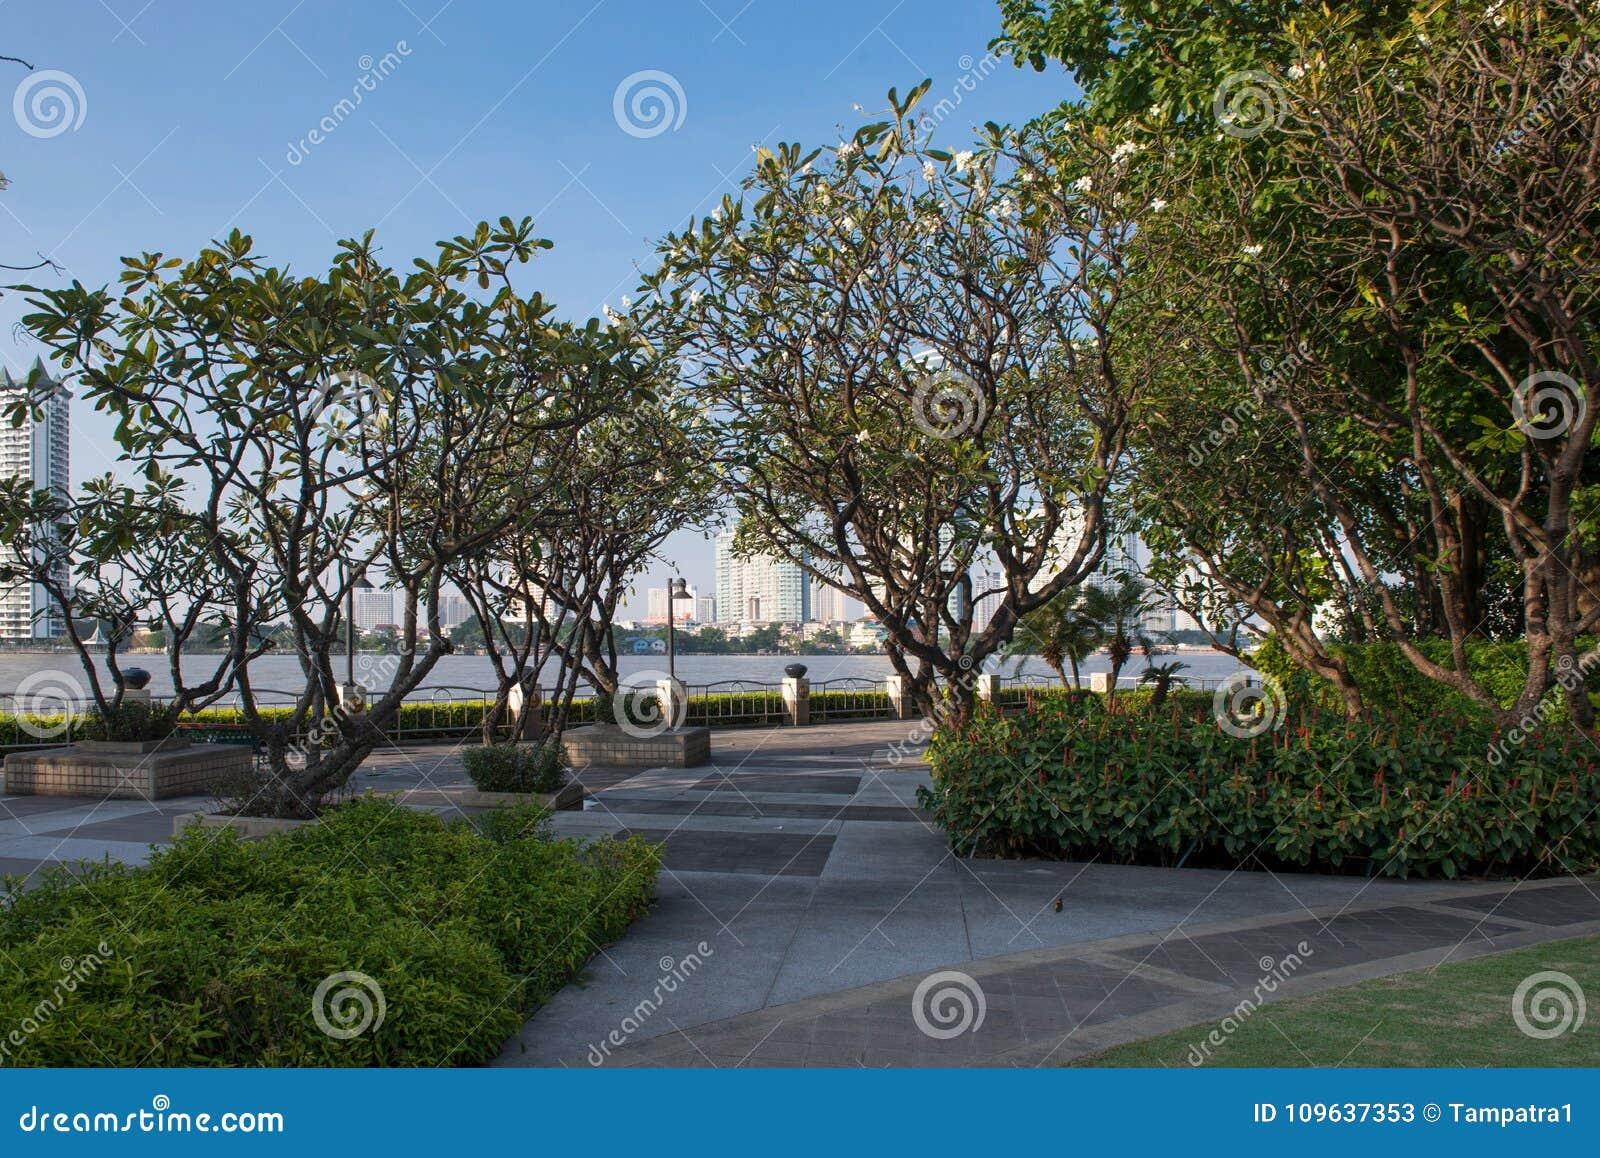 Parque público con los árboles enormes y el cielo azul